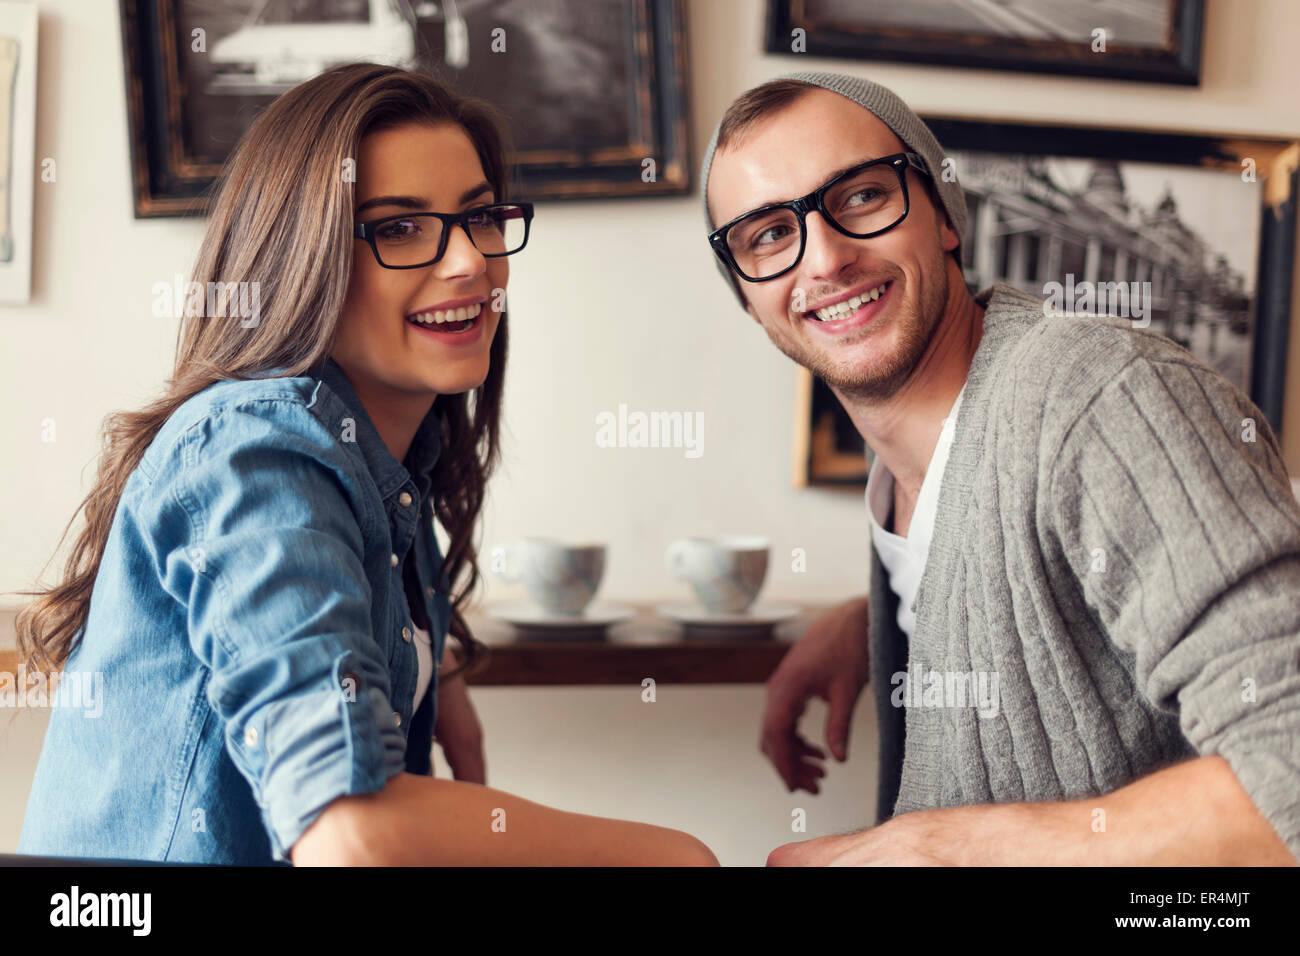 Reunión de jóvenes amigos en el cafe. Cracovia, Polonia Imagen De Stock